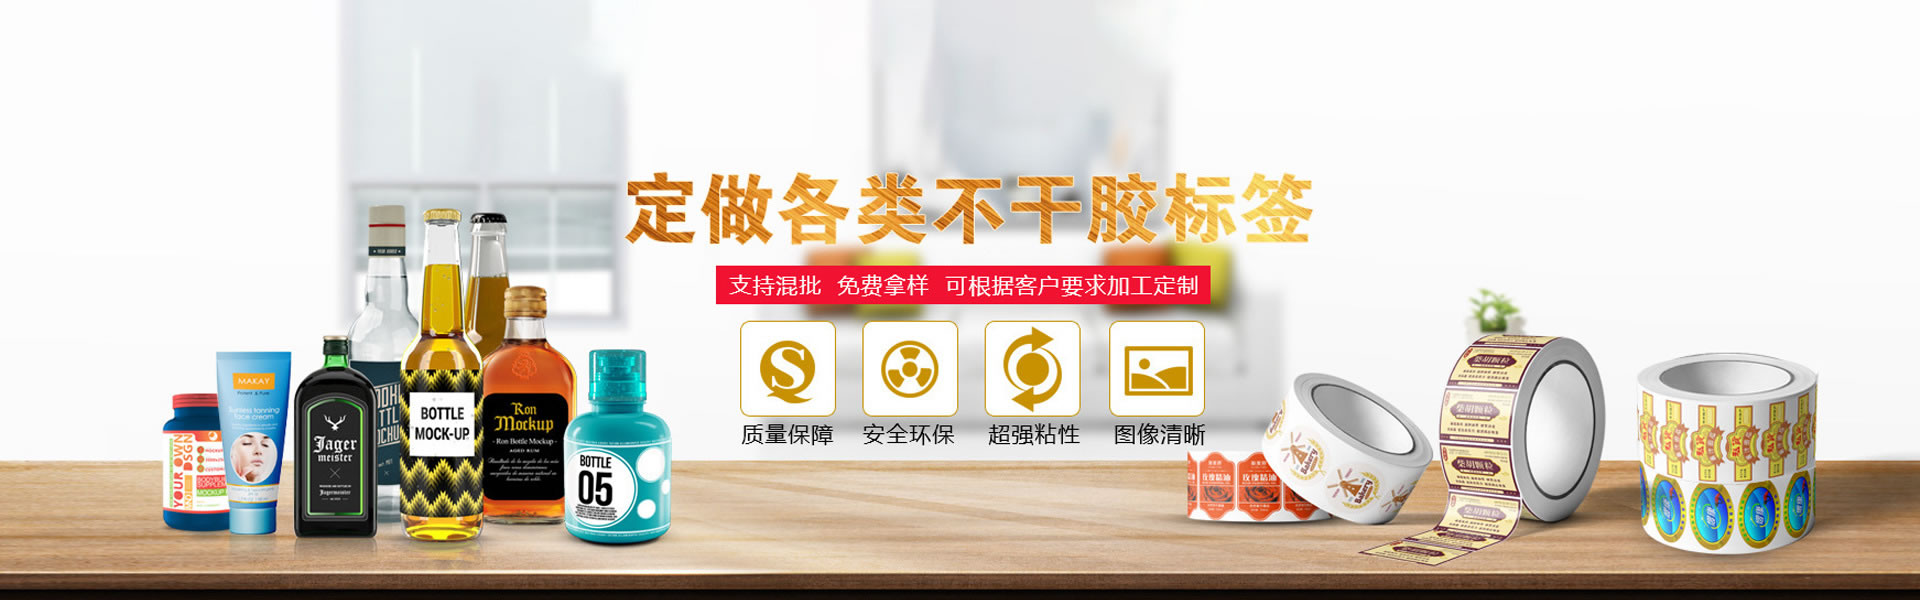 北京快乐8网站-首页_WelcomeriCq_印刷不干胶标签厂家